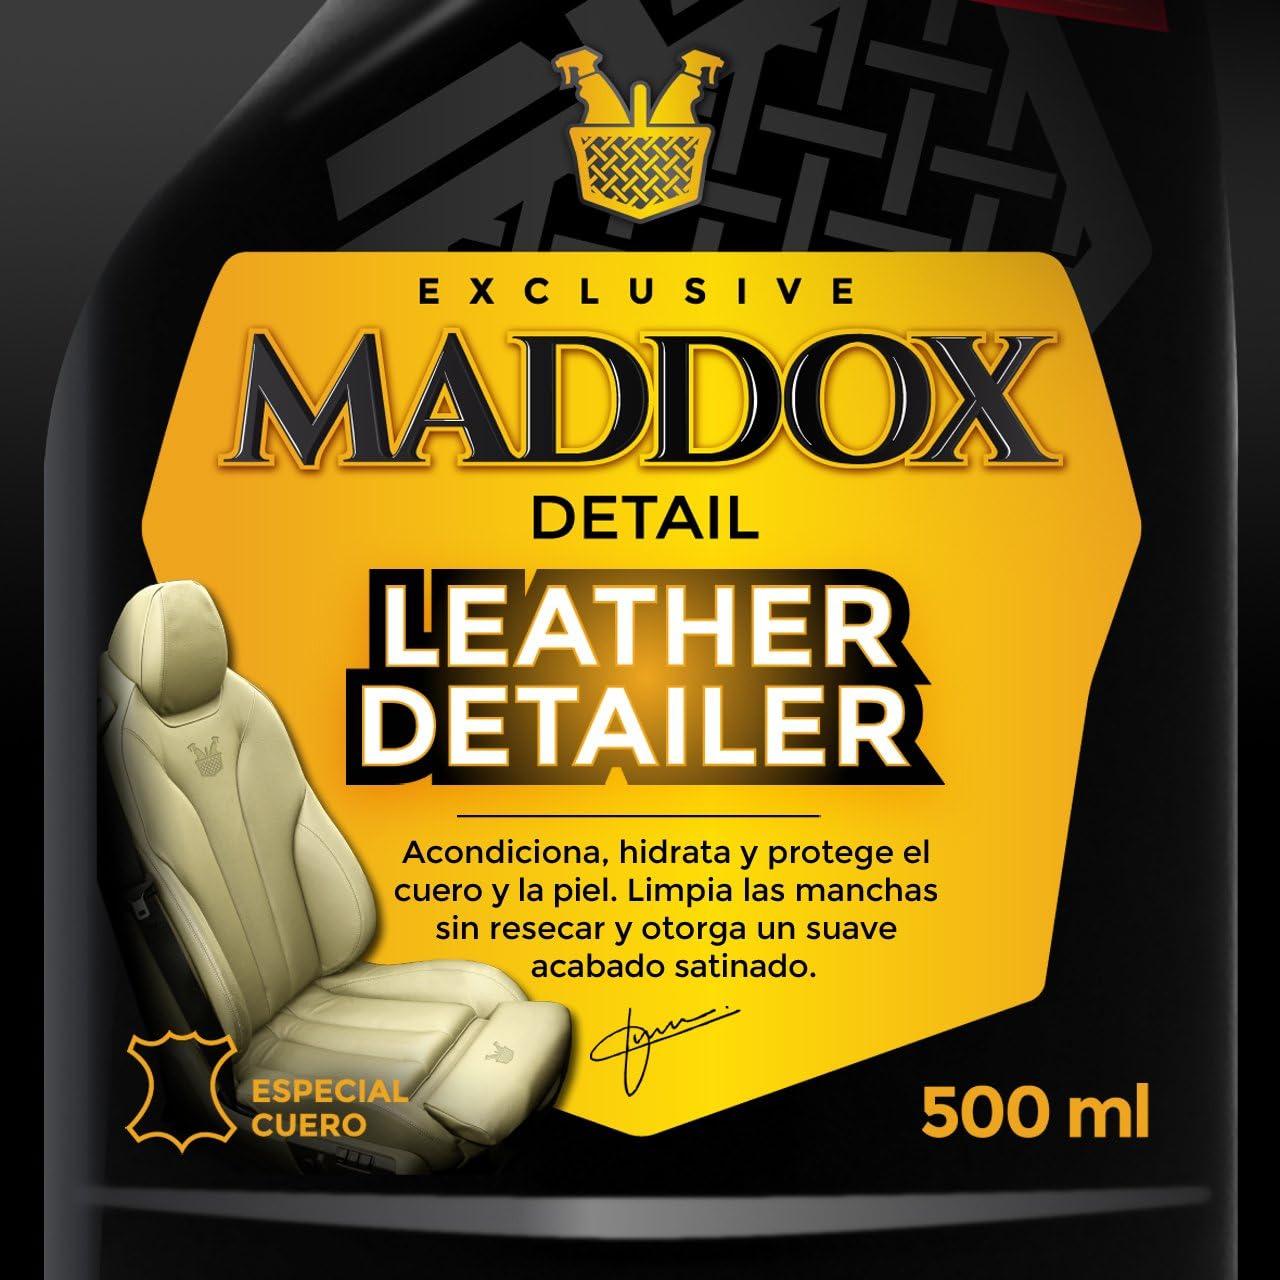 Maddox Detail - Leather Detailer - Limpiador De Cuero Y Piel, 500 ml